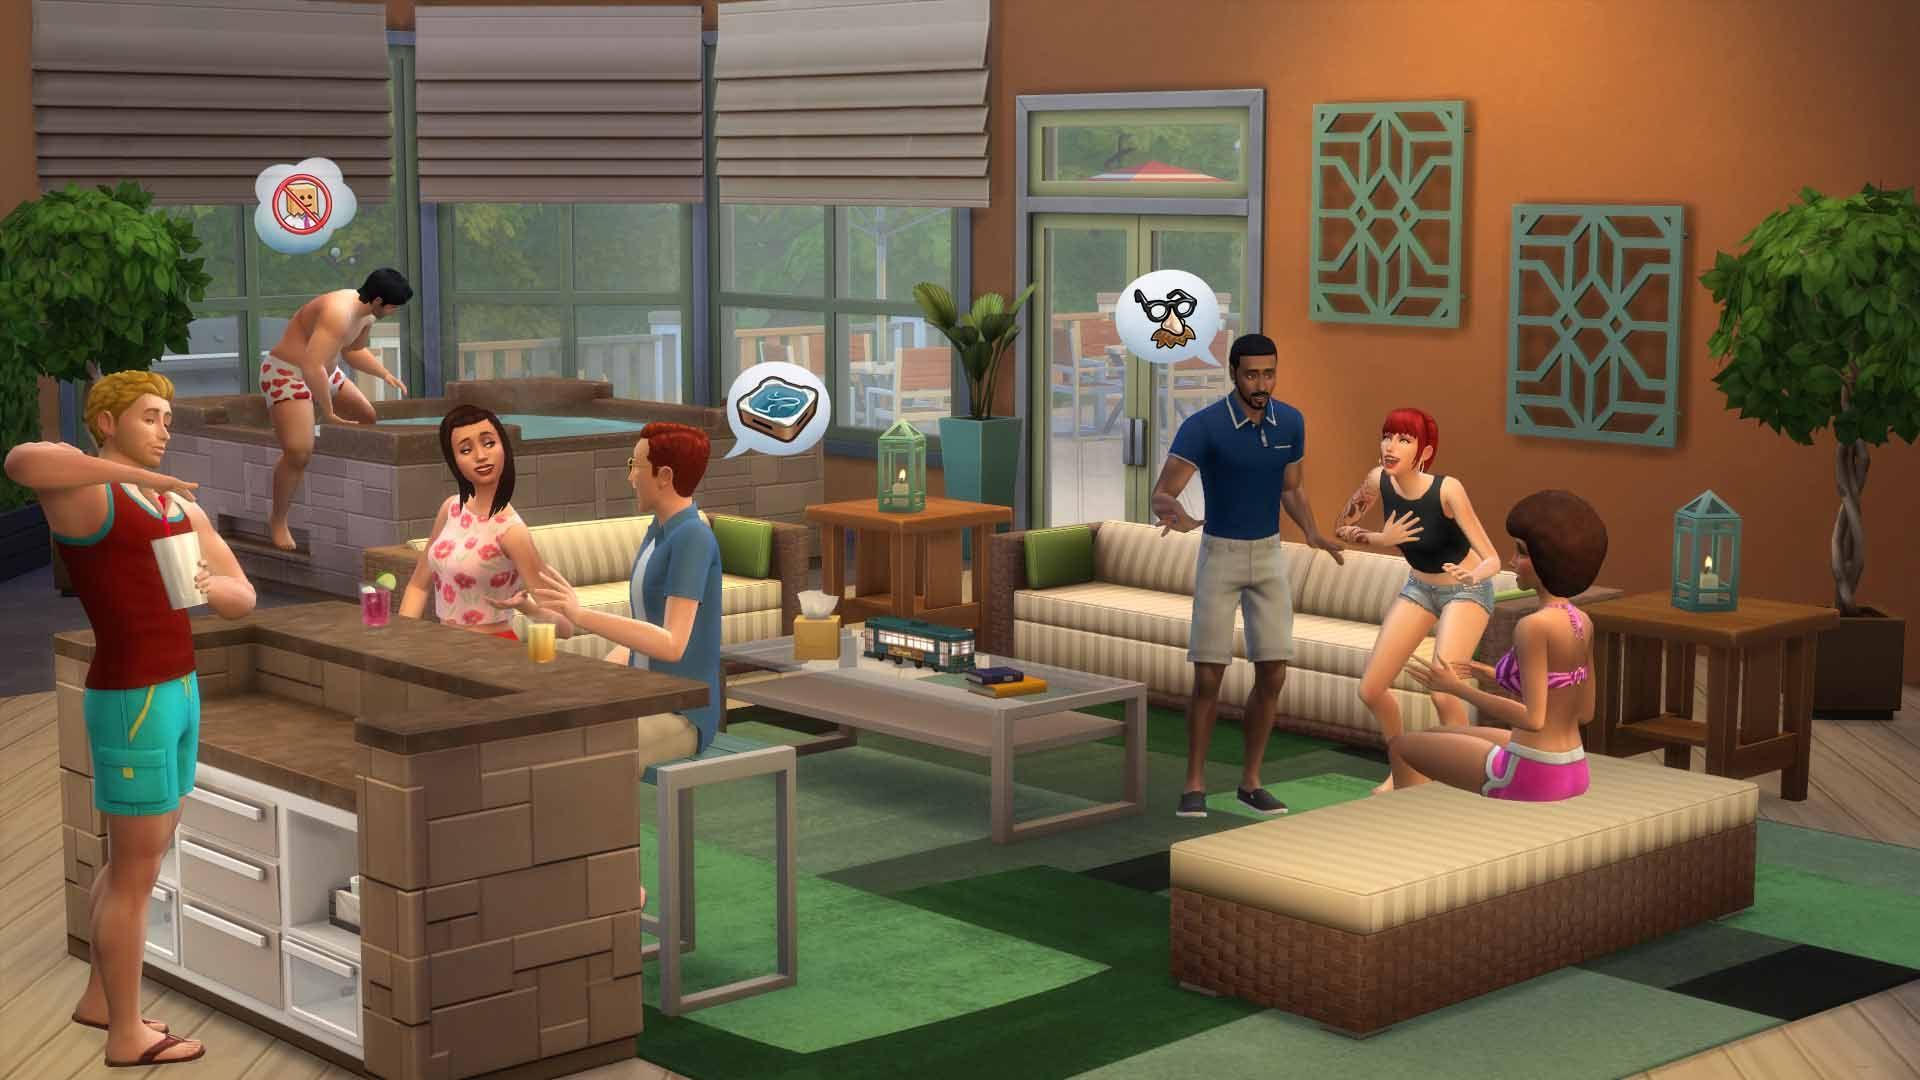 Sedia A Sdraio The Sims.The Sims 4 Esterni Da Sogno Stuff Per Pc Mac Origin